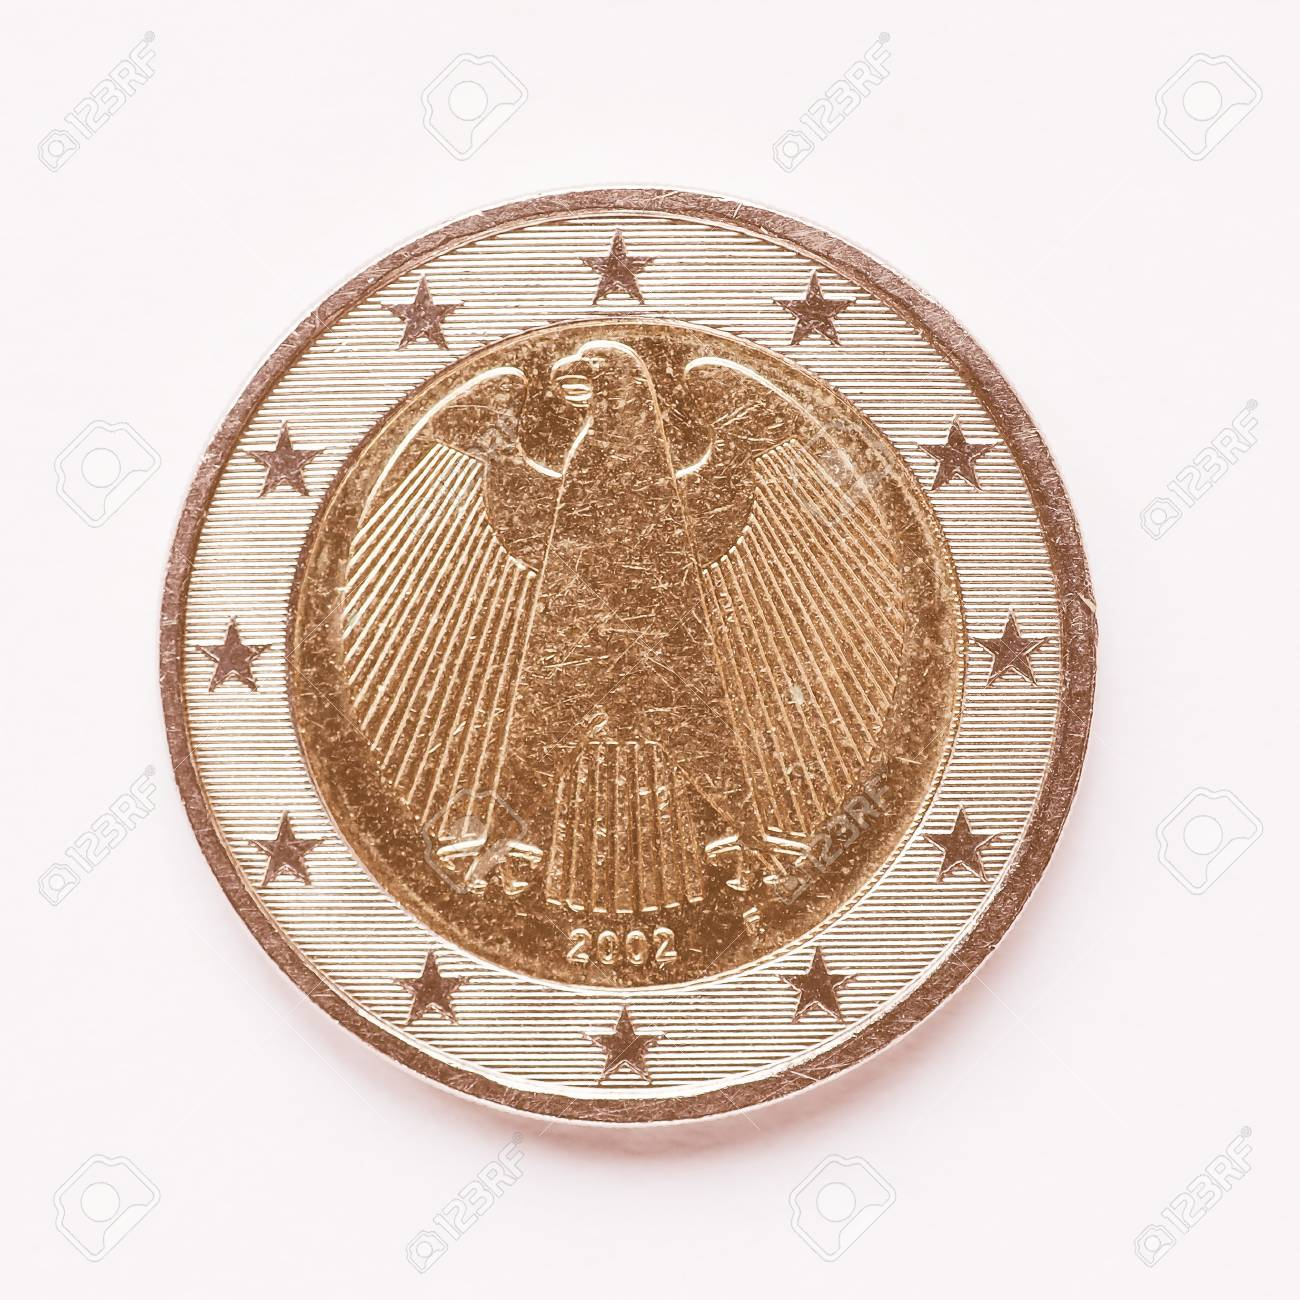 Währung Europas 2 Euro Münze Aus Deutschland Vintage Lizenzfreie